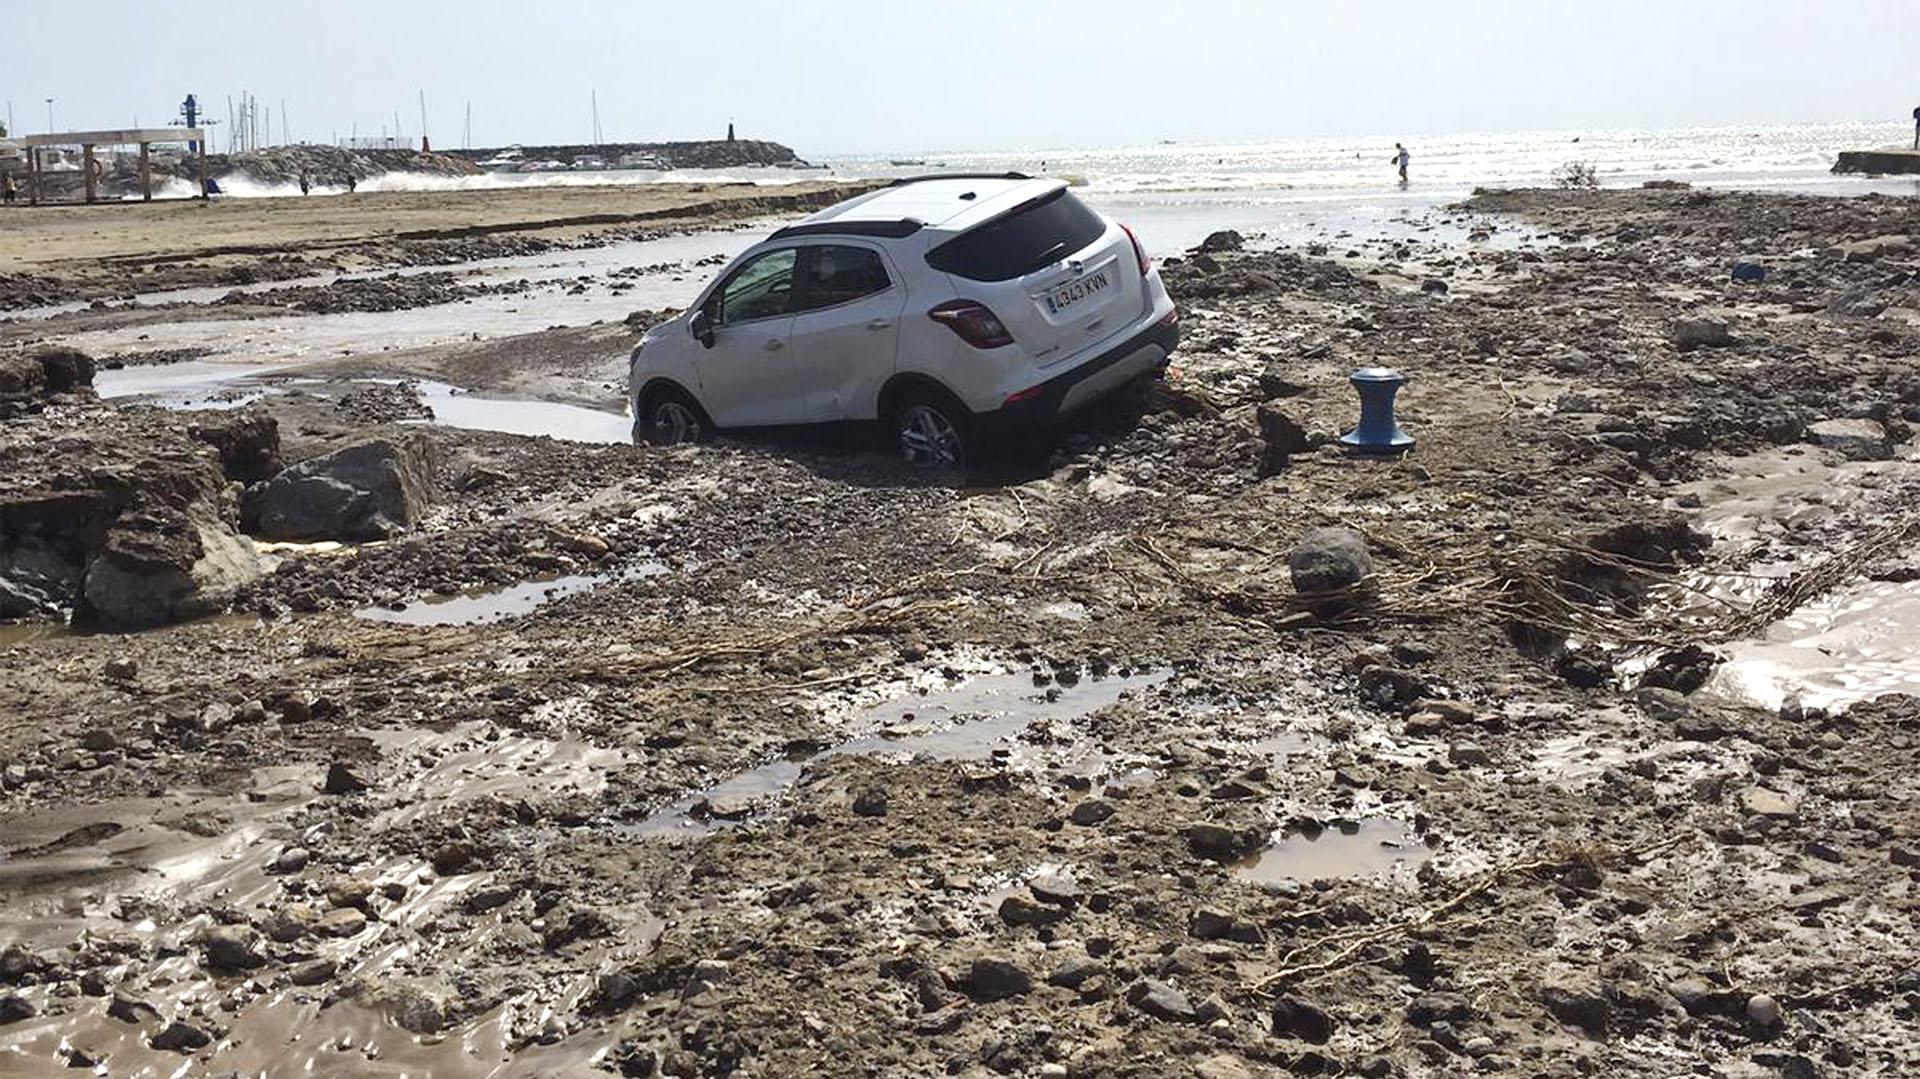 Un auto yace en el barro después de una inundación en San José, Almería, en el sudeste de España (Foto AP/Serge Carthwright)